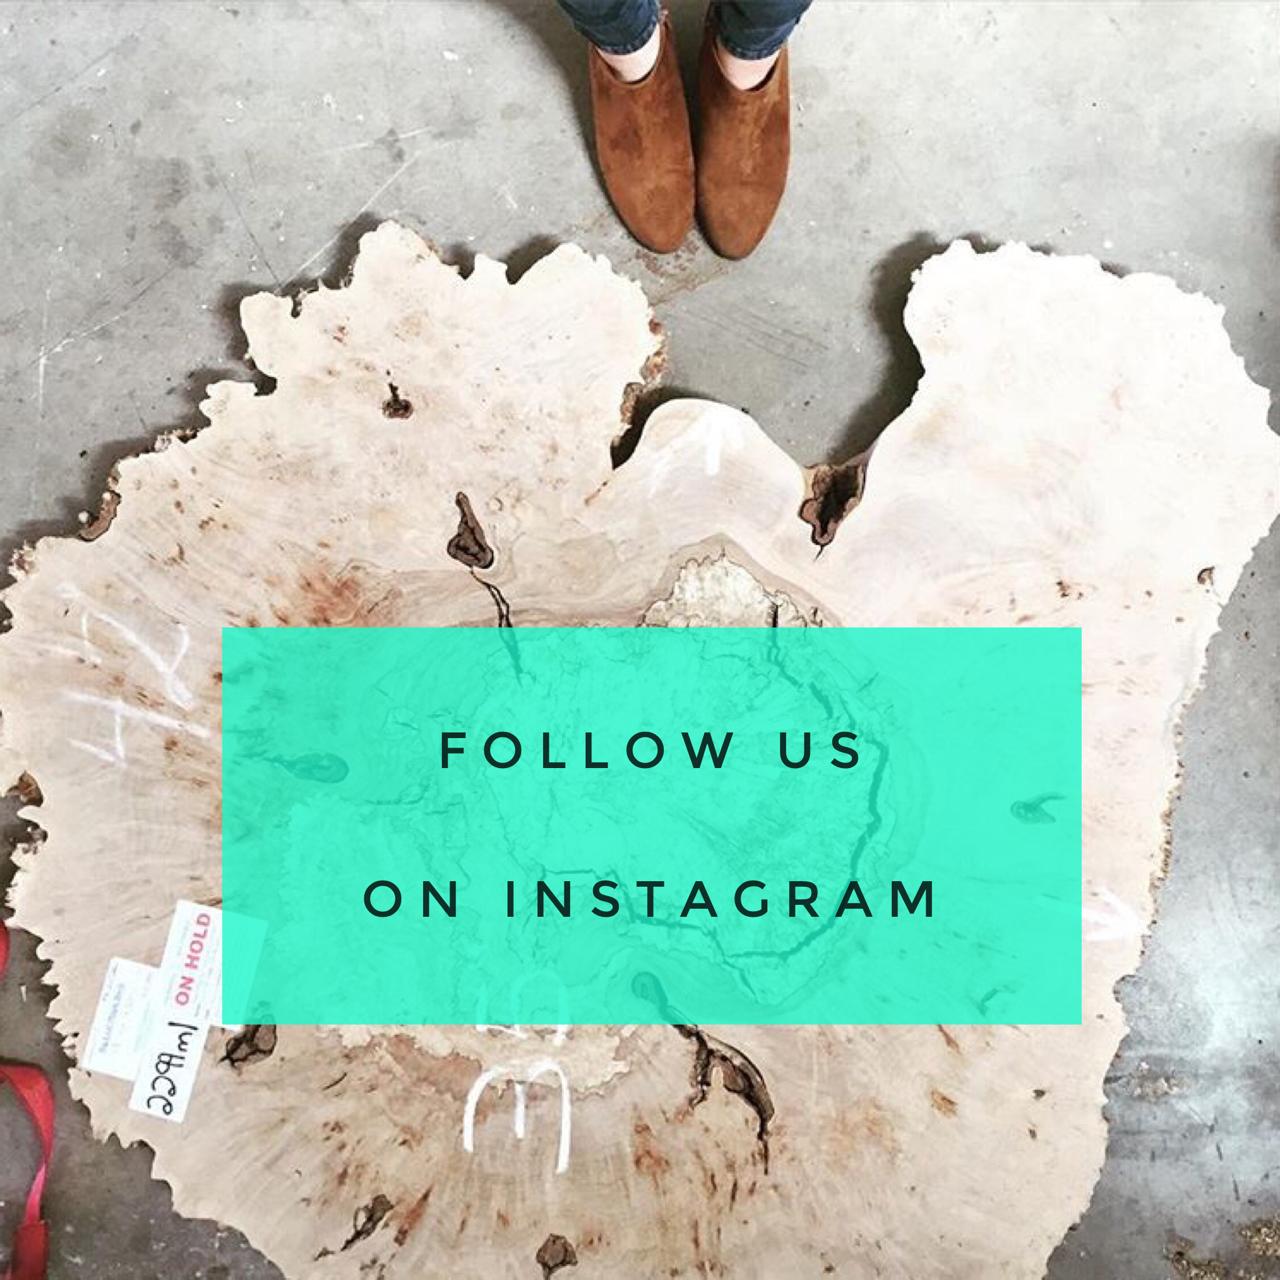 Rotsen-Furniture-Instagram